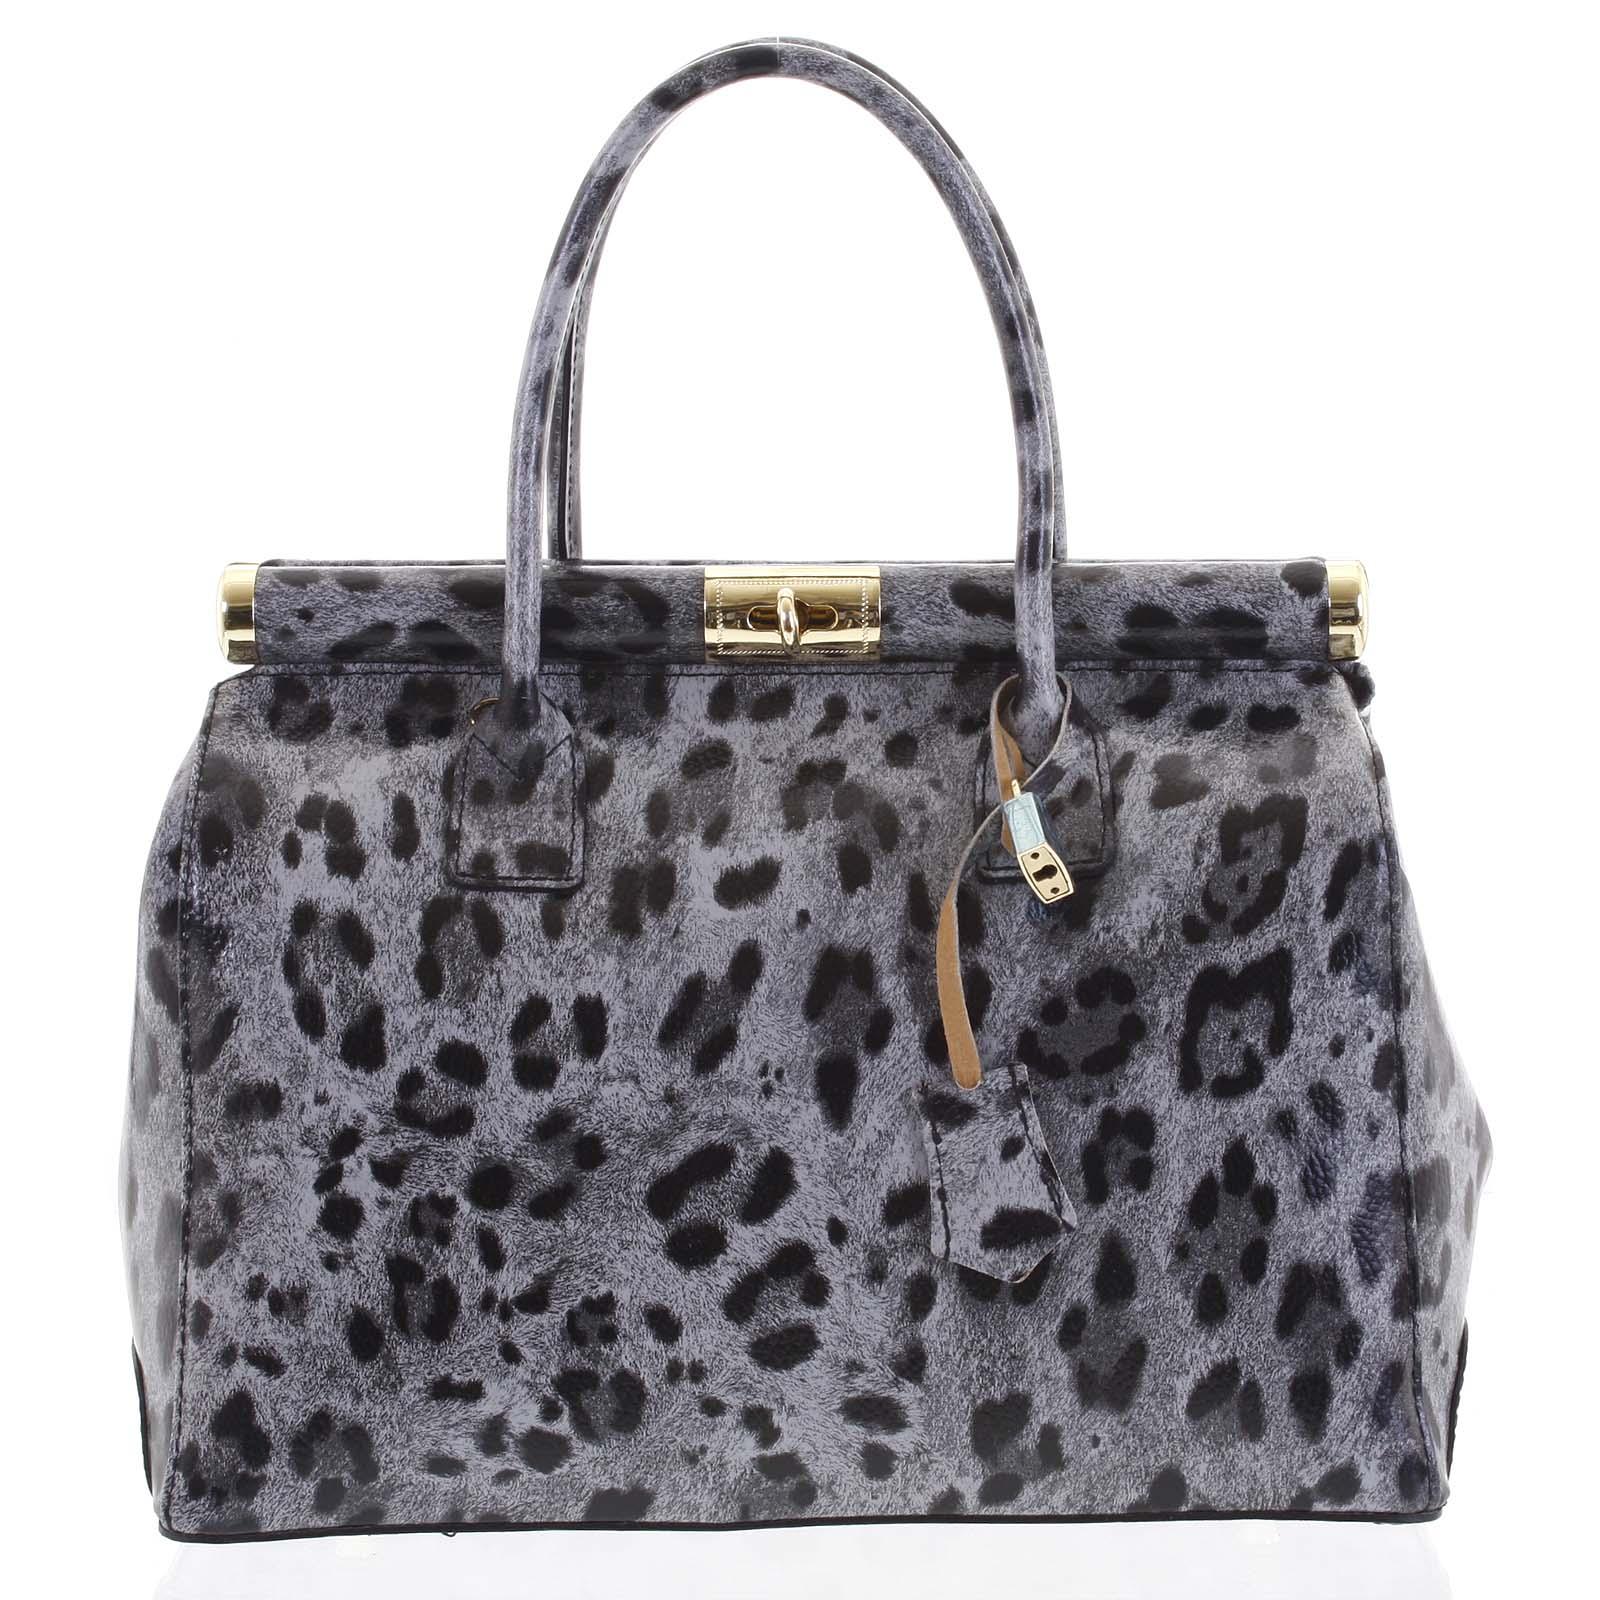 Módna originálny dámska kožená kabelka do ruky sivá - ItalY Hila Jaguar šedá